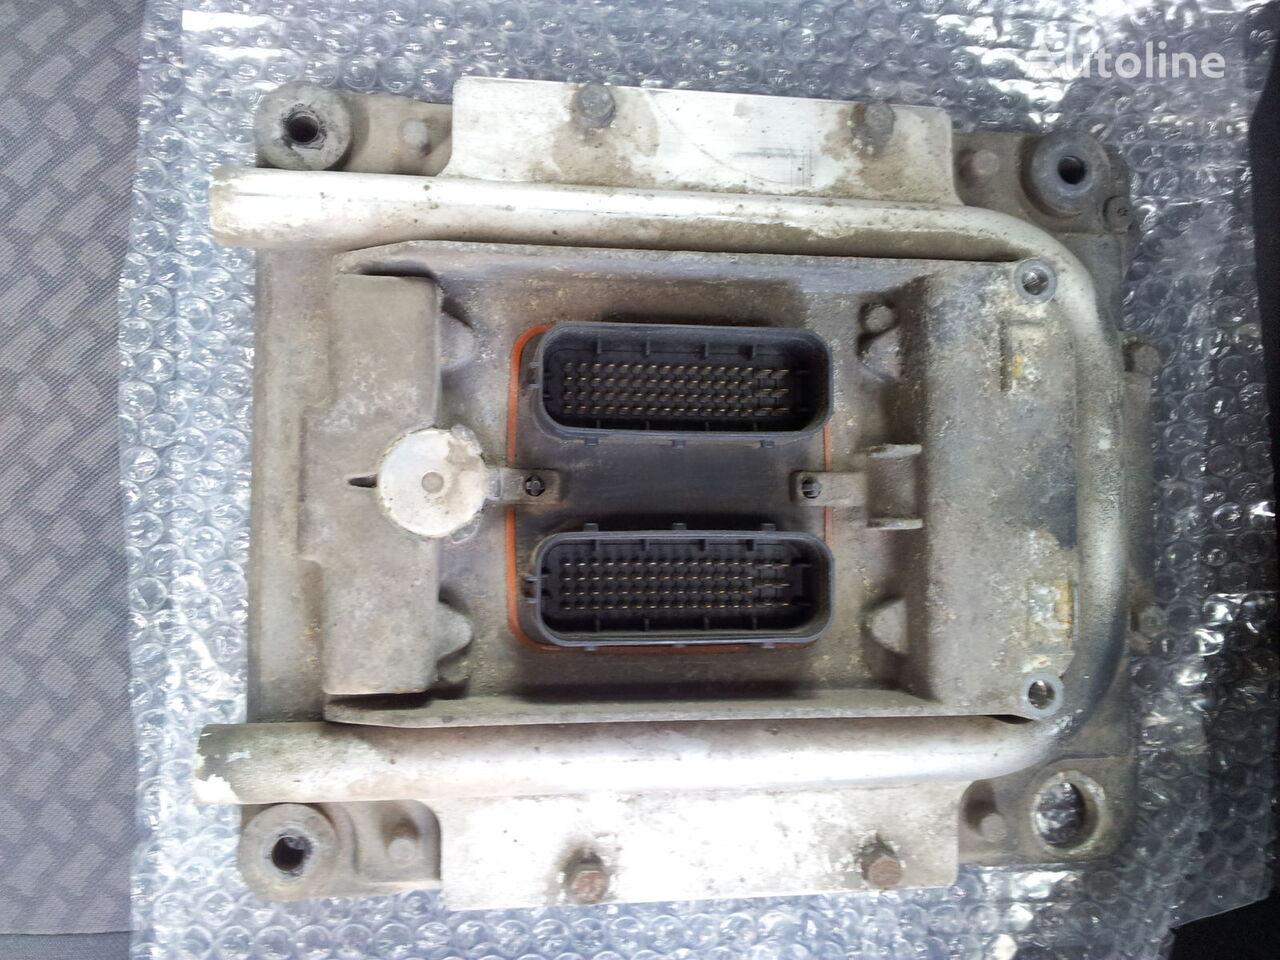 Renault VOLVO FH13, ECU control unit, 440PS, engine control unit, 20561252 P02, 20814604, 20977019, 21300122, 85123379, 85111591, 85110111, 85000776, 85000847, 85003360 boîte de commande pour RENAULT Premium DXI tracteur routier